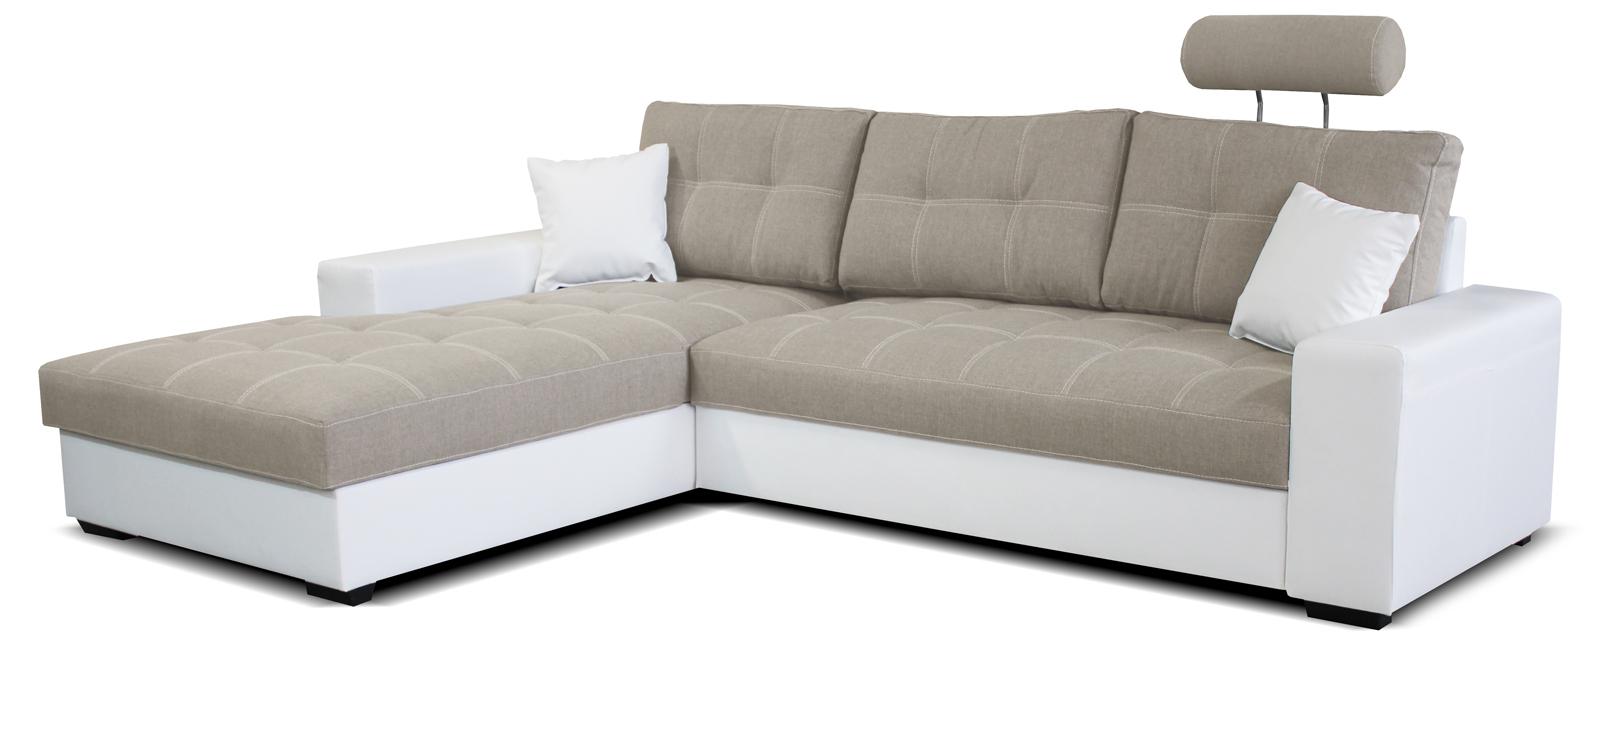 Rohová sedací souprava - Po-Sed - Corato L+2F (béžová + bílá) (L)